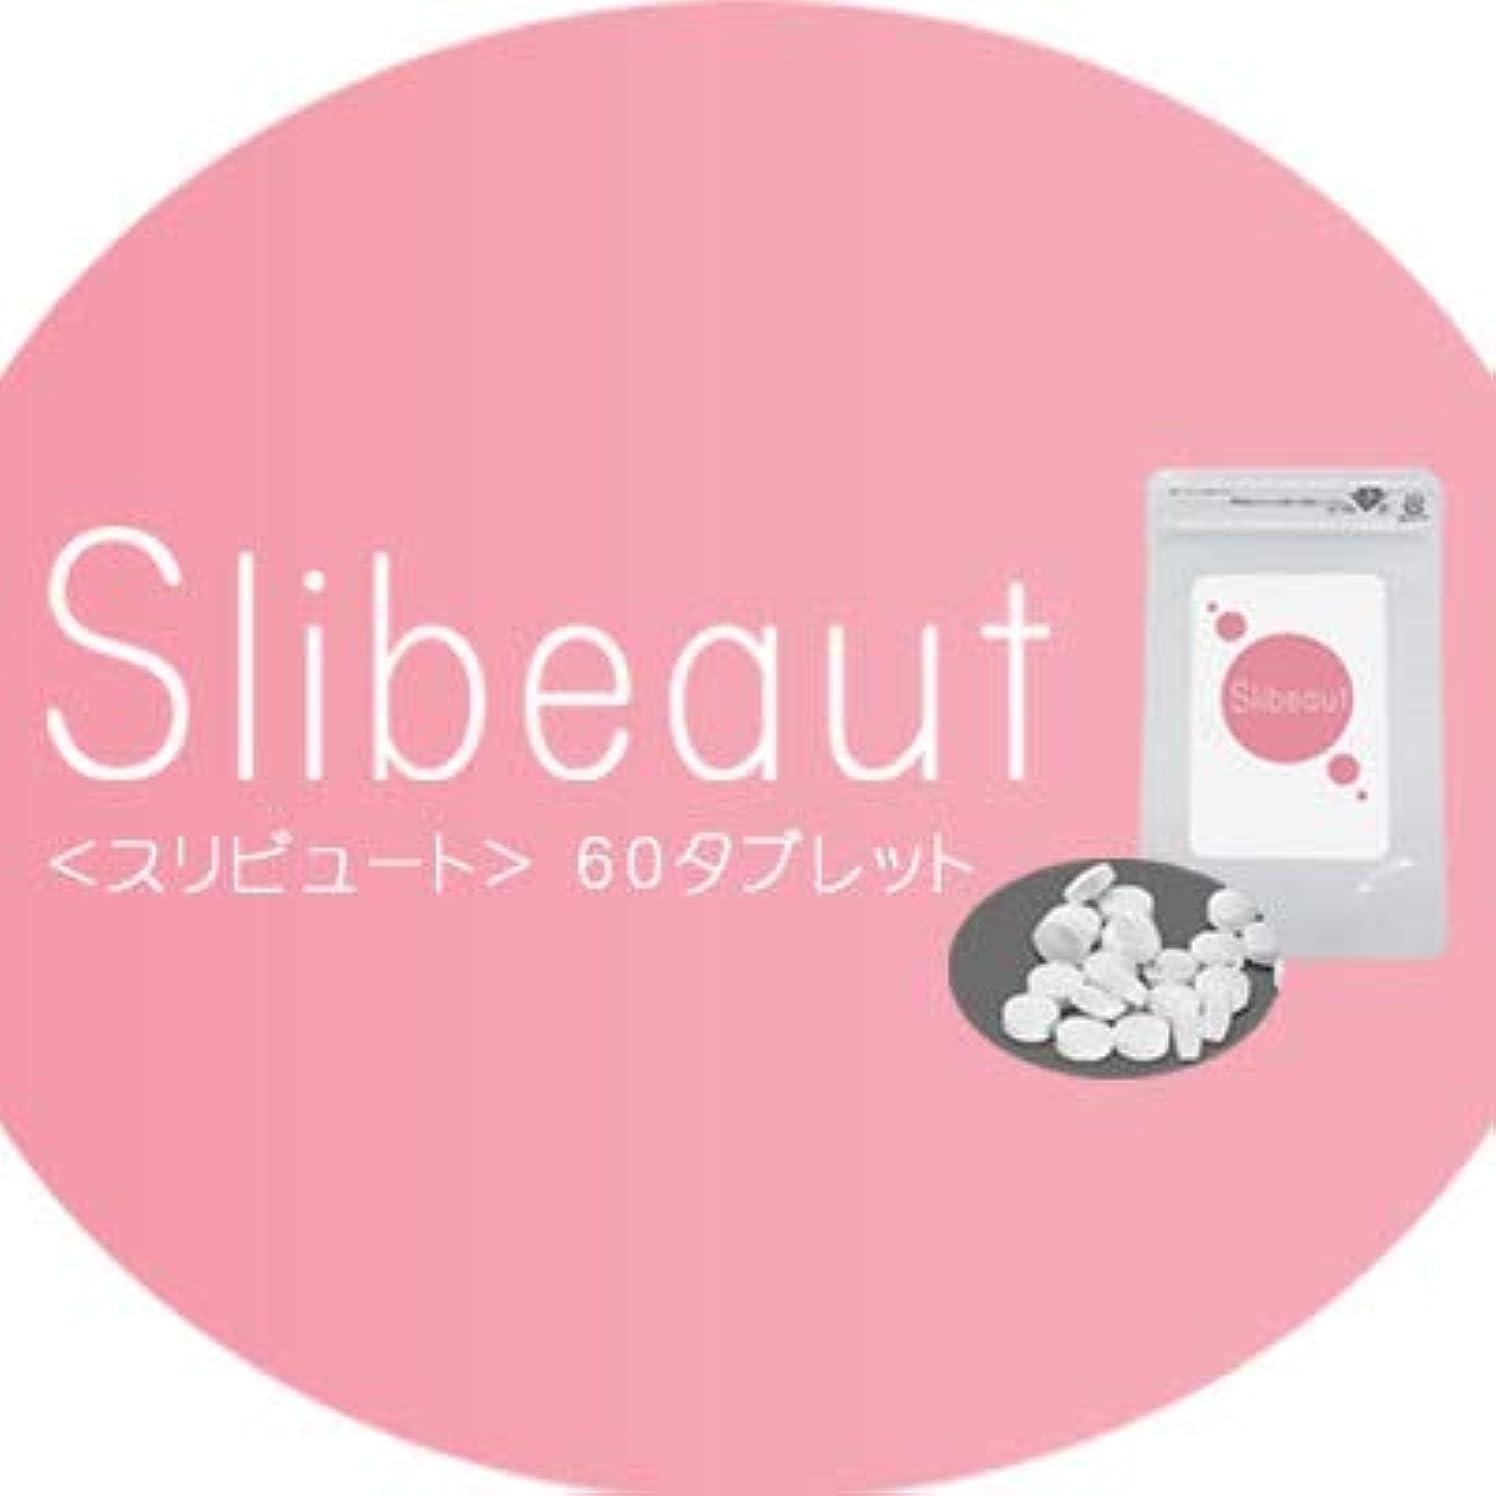 ブレスミニパシフィックSlibeaut(スリビュート)~ダイエットサポートサプリ~